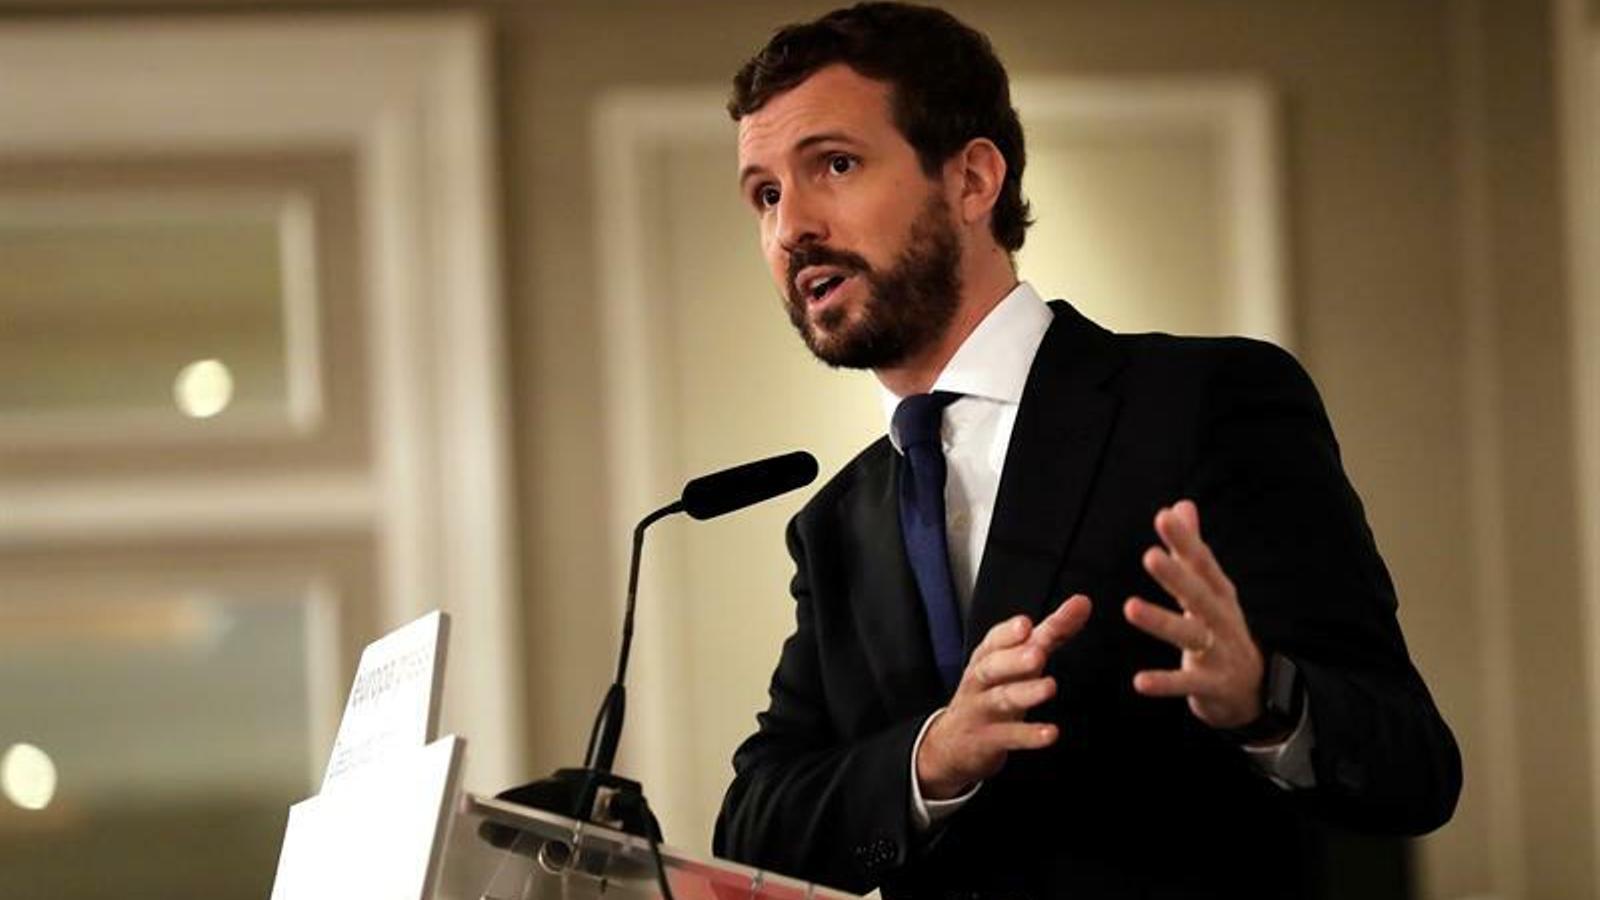 El PP descarta la coalició amb Ciutadans a Galícia, però veu temps per aconseguir un acord al País Basc